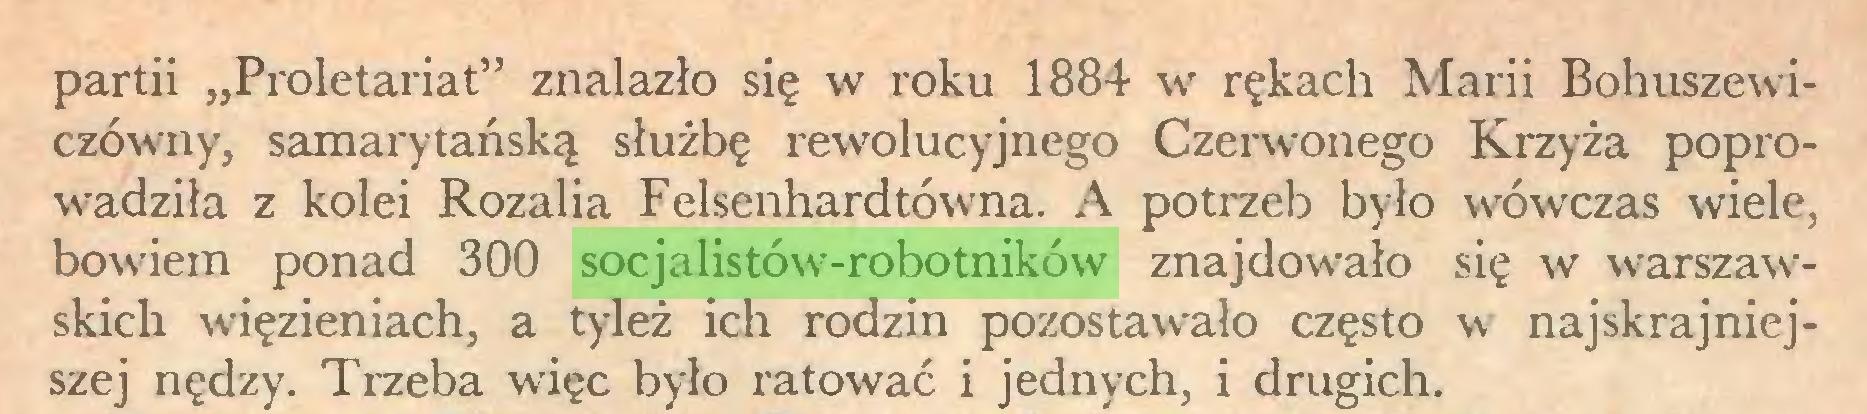 """(...) partii """"Proletariat"""" znalazło się w roku 1884 w rękach Marii Bohuszewiczówny, samarytańską służbę rewolucyjnego Czerwonego Krzyża poprowadziła z kolei Rozalia Felsenhardtówna. A potrzeb było wówczas wiele, bowiem ponad 300 socjalistów-robotników znajdowało się w warszawskich więzieniach, a tyleż ich rodzin pozostawało często w najskrajniejszej nędzy. Trzeba więc było ratować i jednych, i drugich..."""